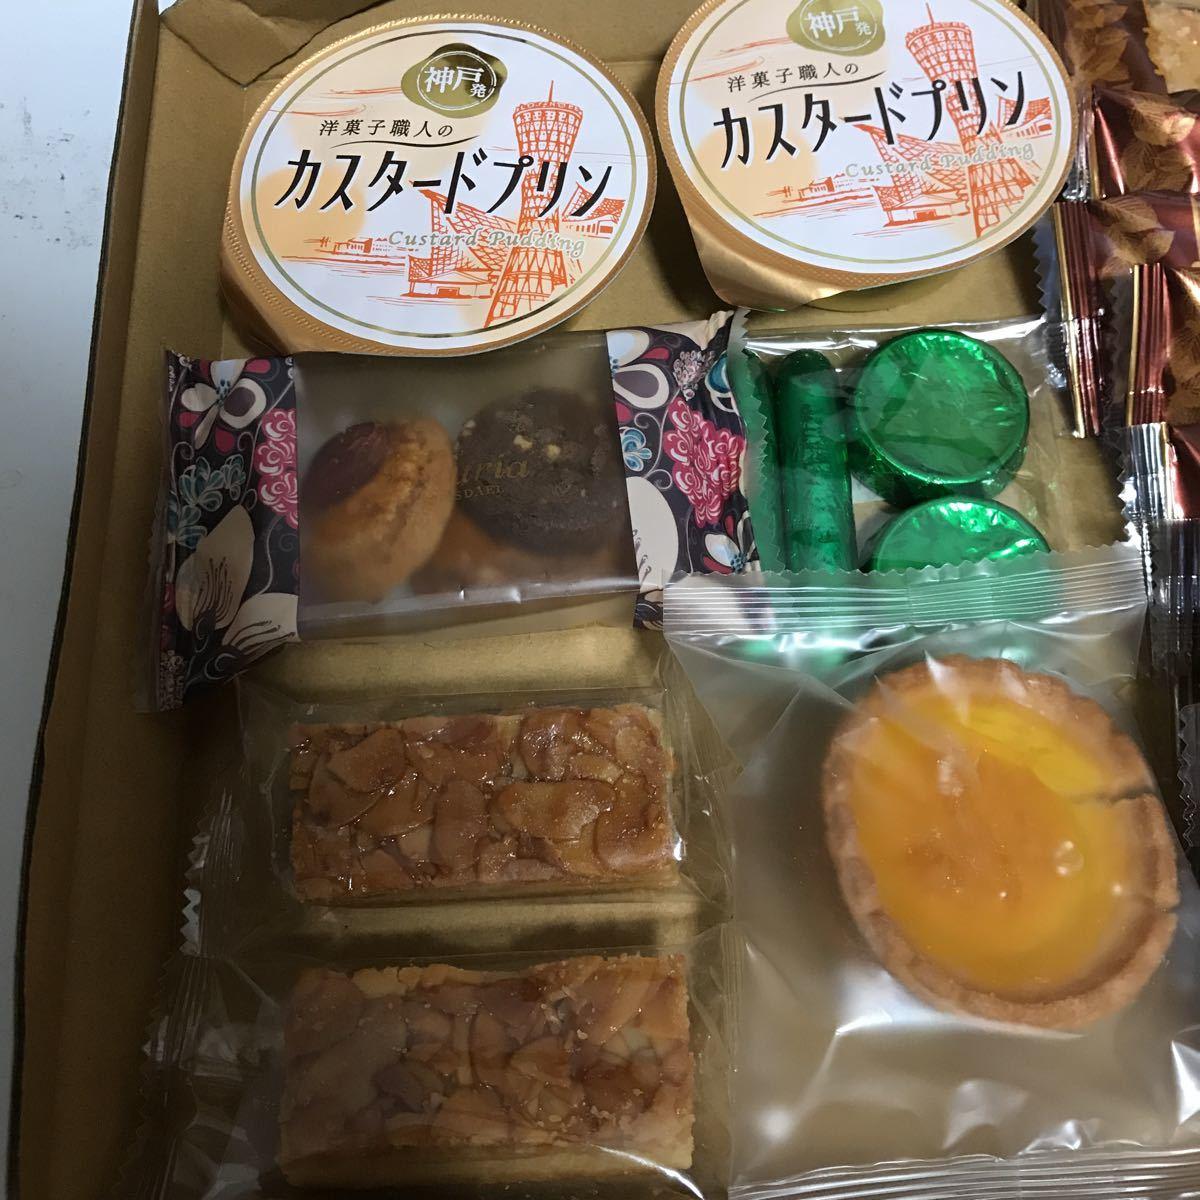 おお菓子詰め合わせ ロイスダール アマンドリーフパイ&神戸カスタードプリン&千疋屋フルーツタルト、高級フロランタン入り_画像2